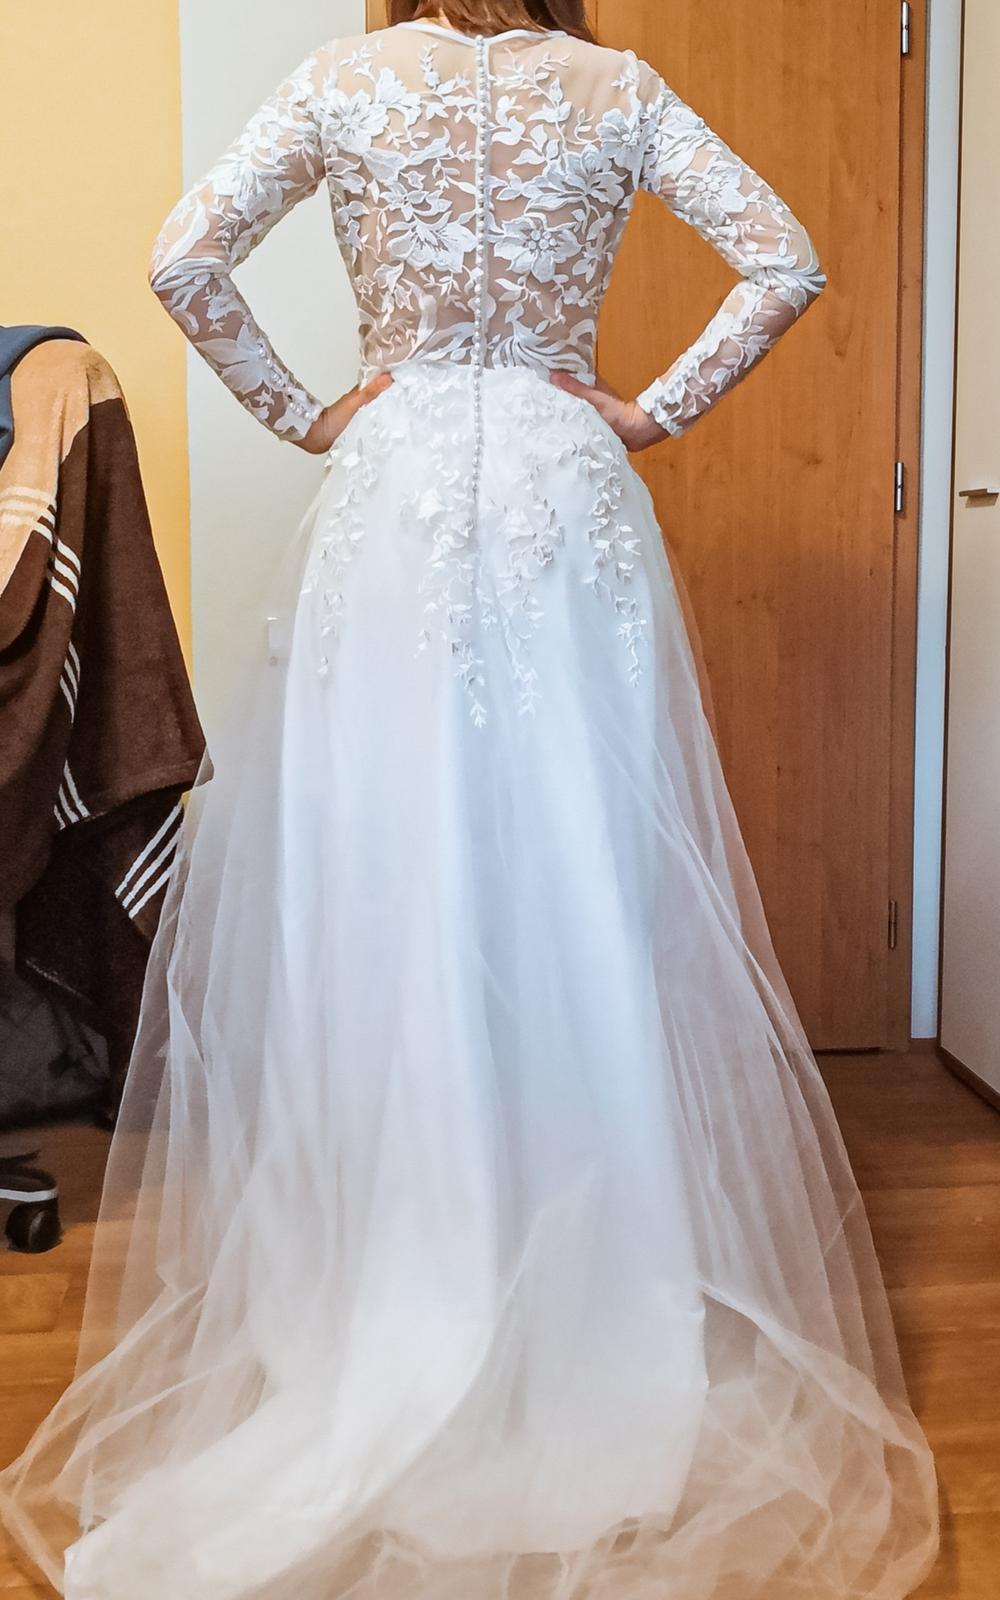 REZERVACE Svatební šaty - krajka, perličkY - Obrázek č. 4